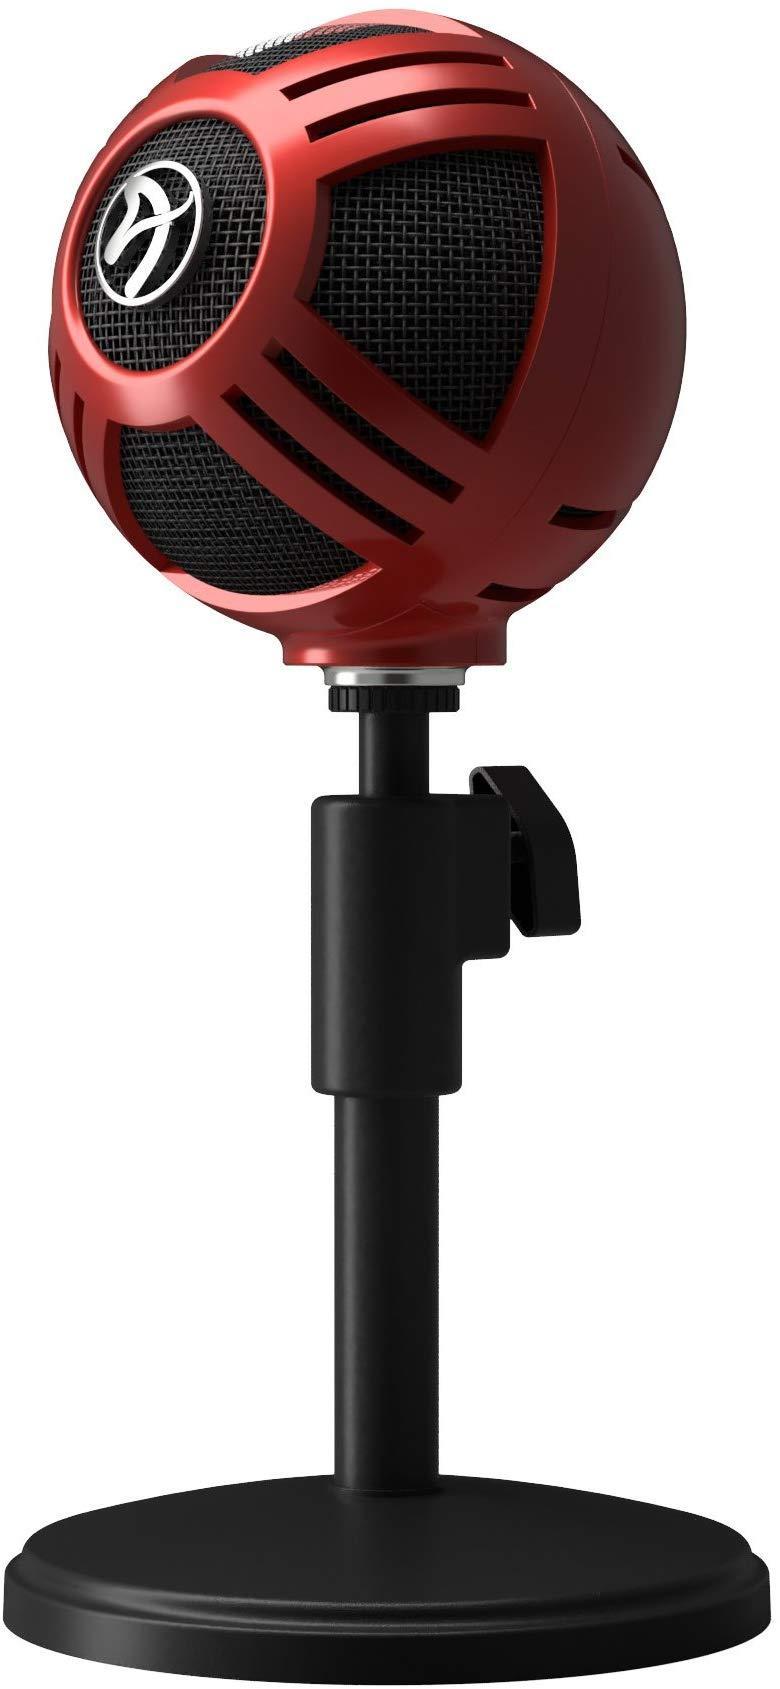 Настолен микрофон Arozzi Sfera Red